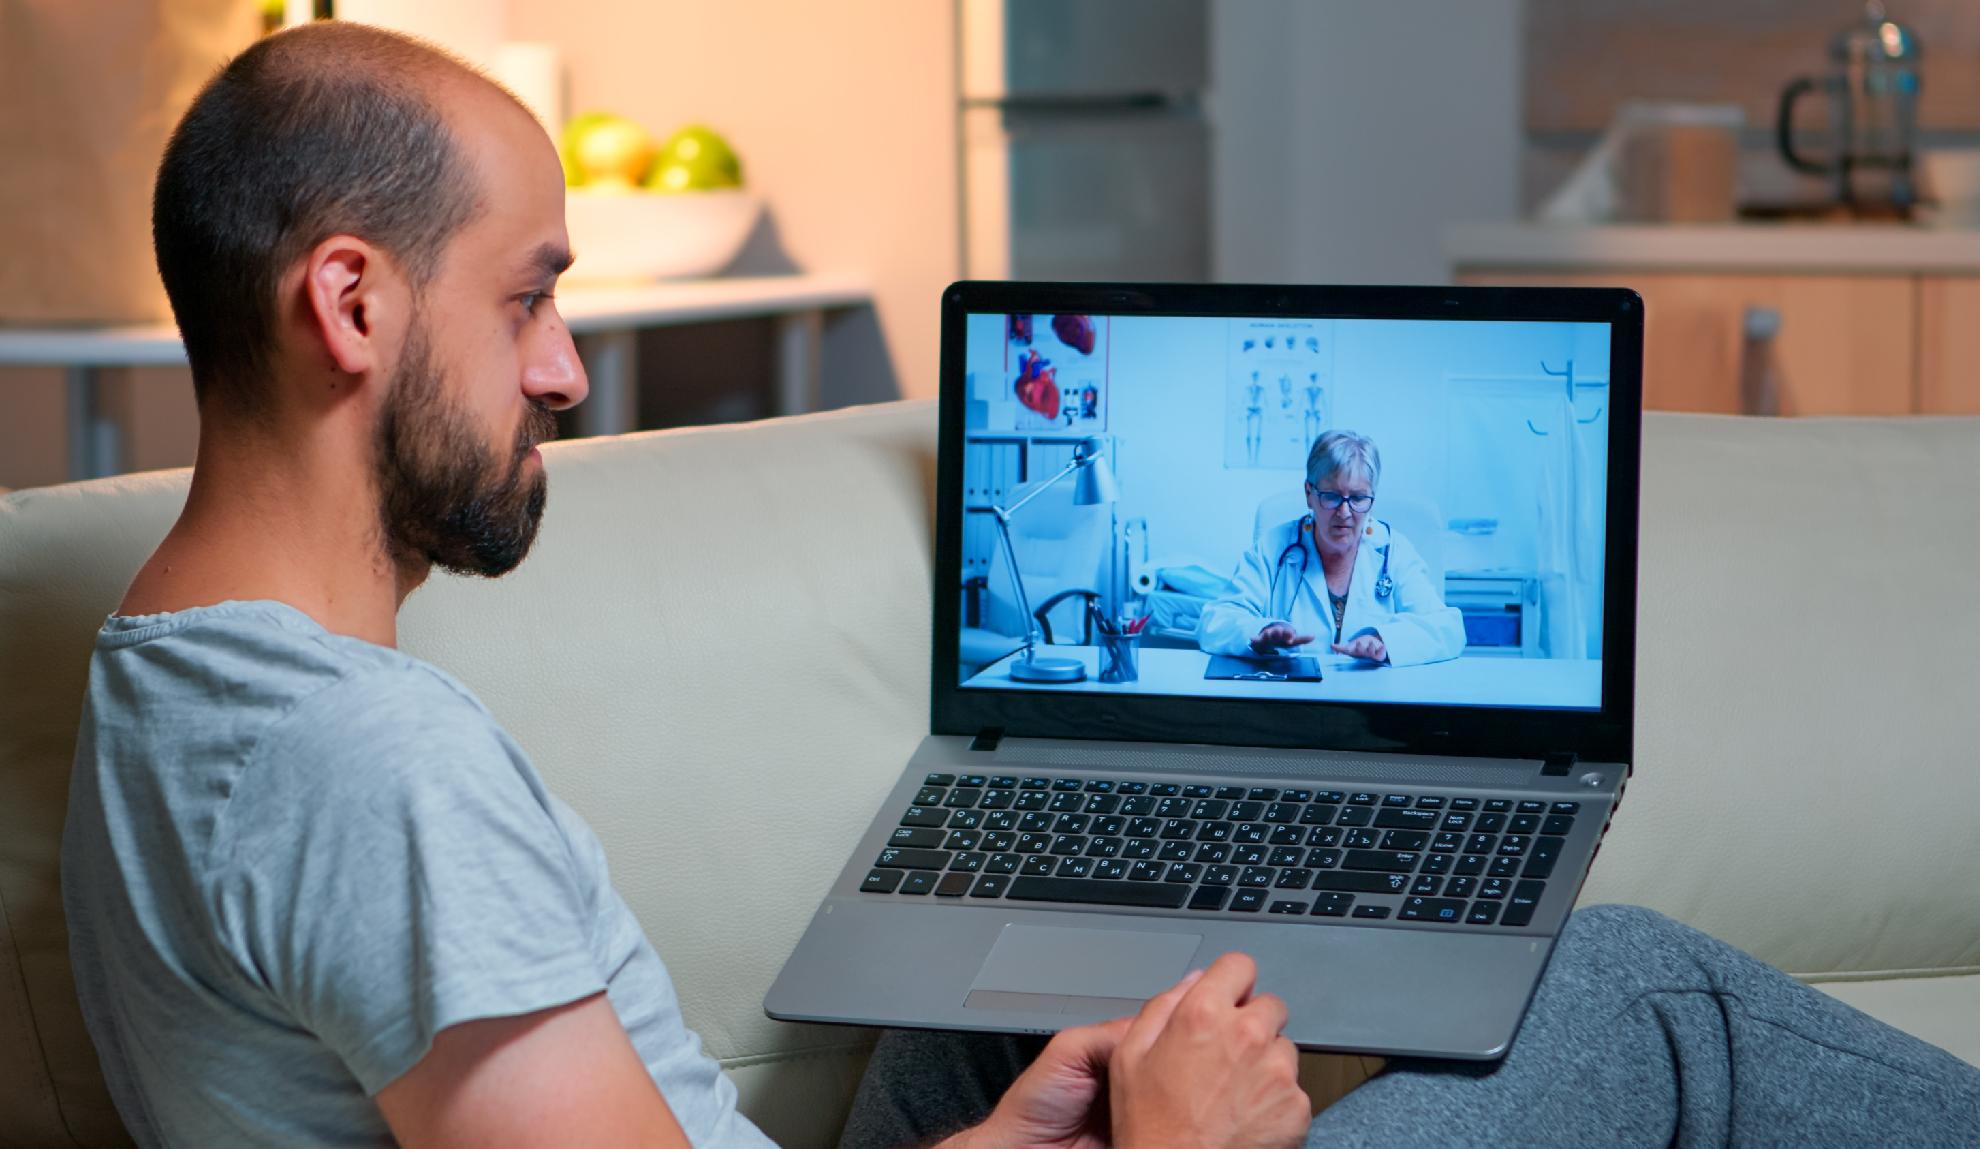 La telemedicina evita el colapso en los centros de salud